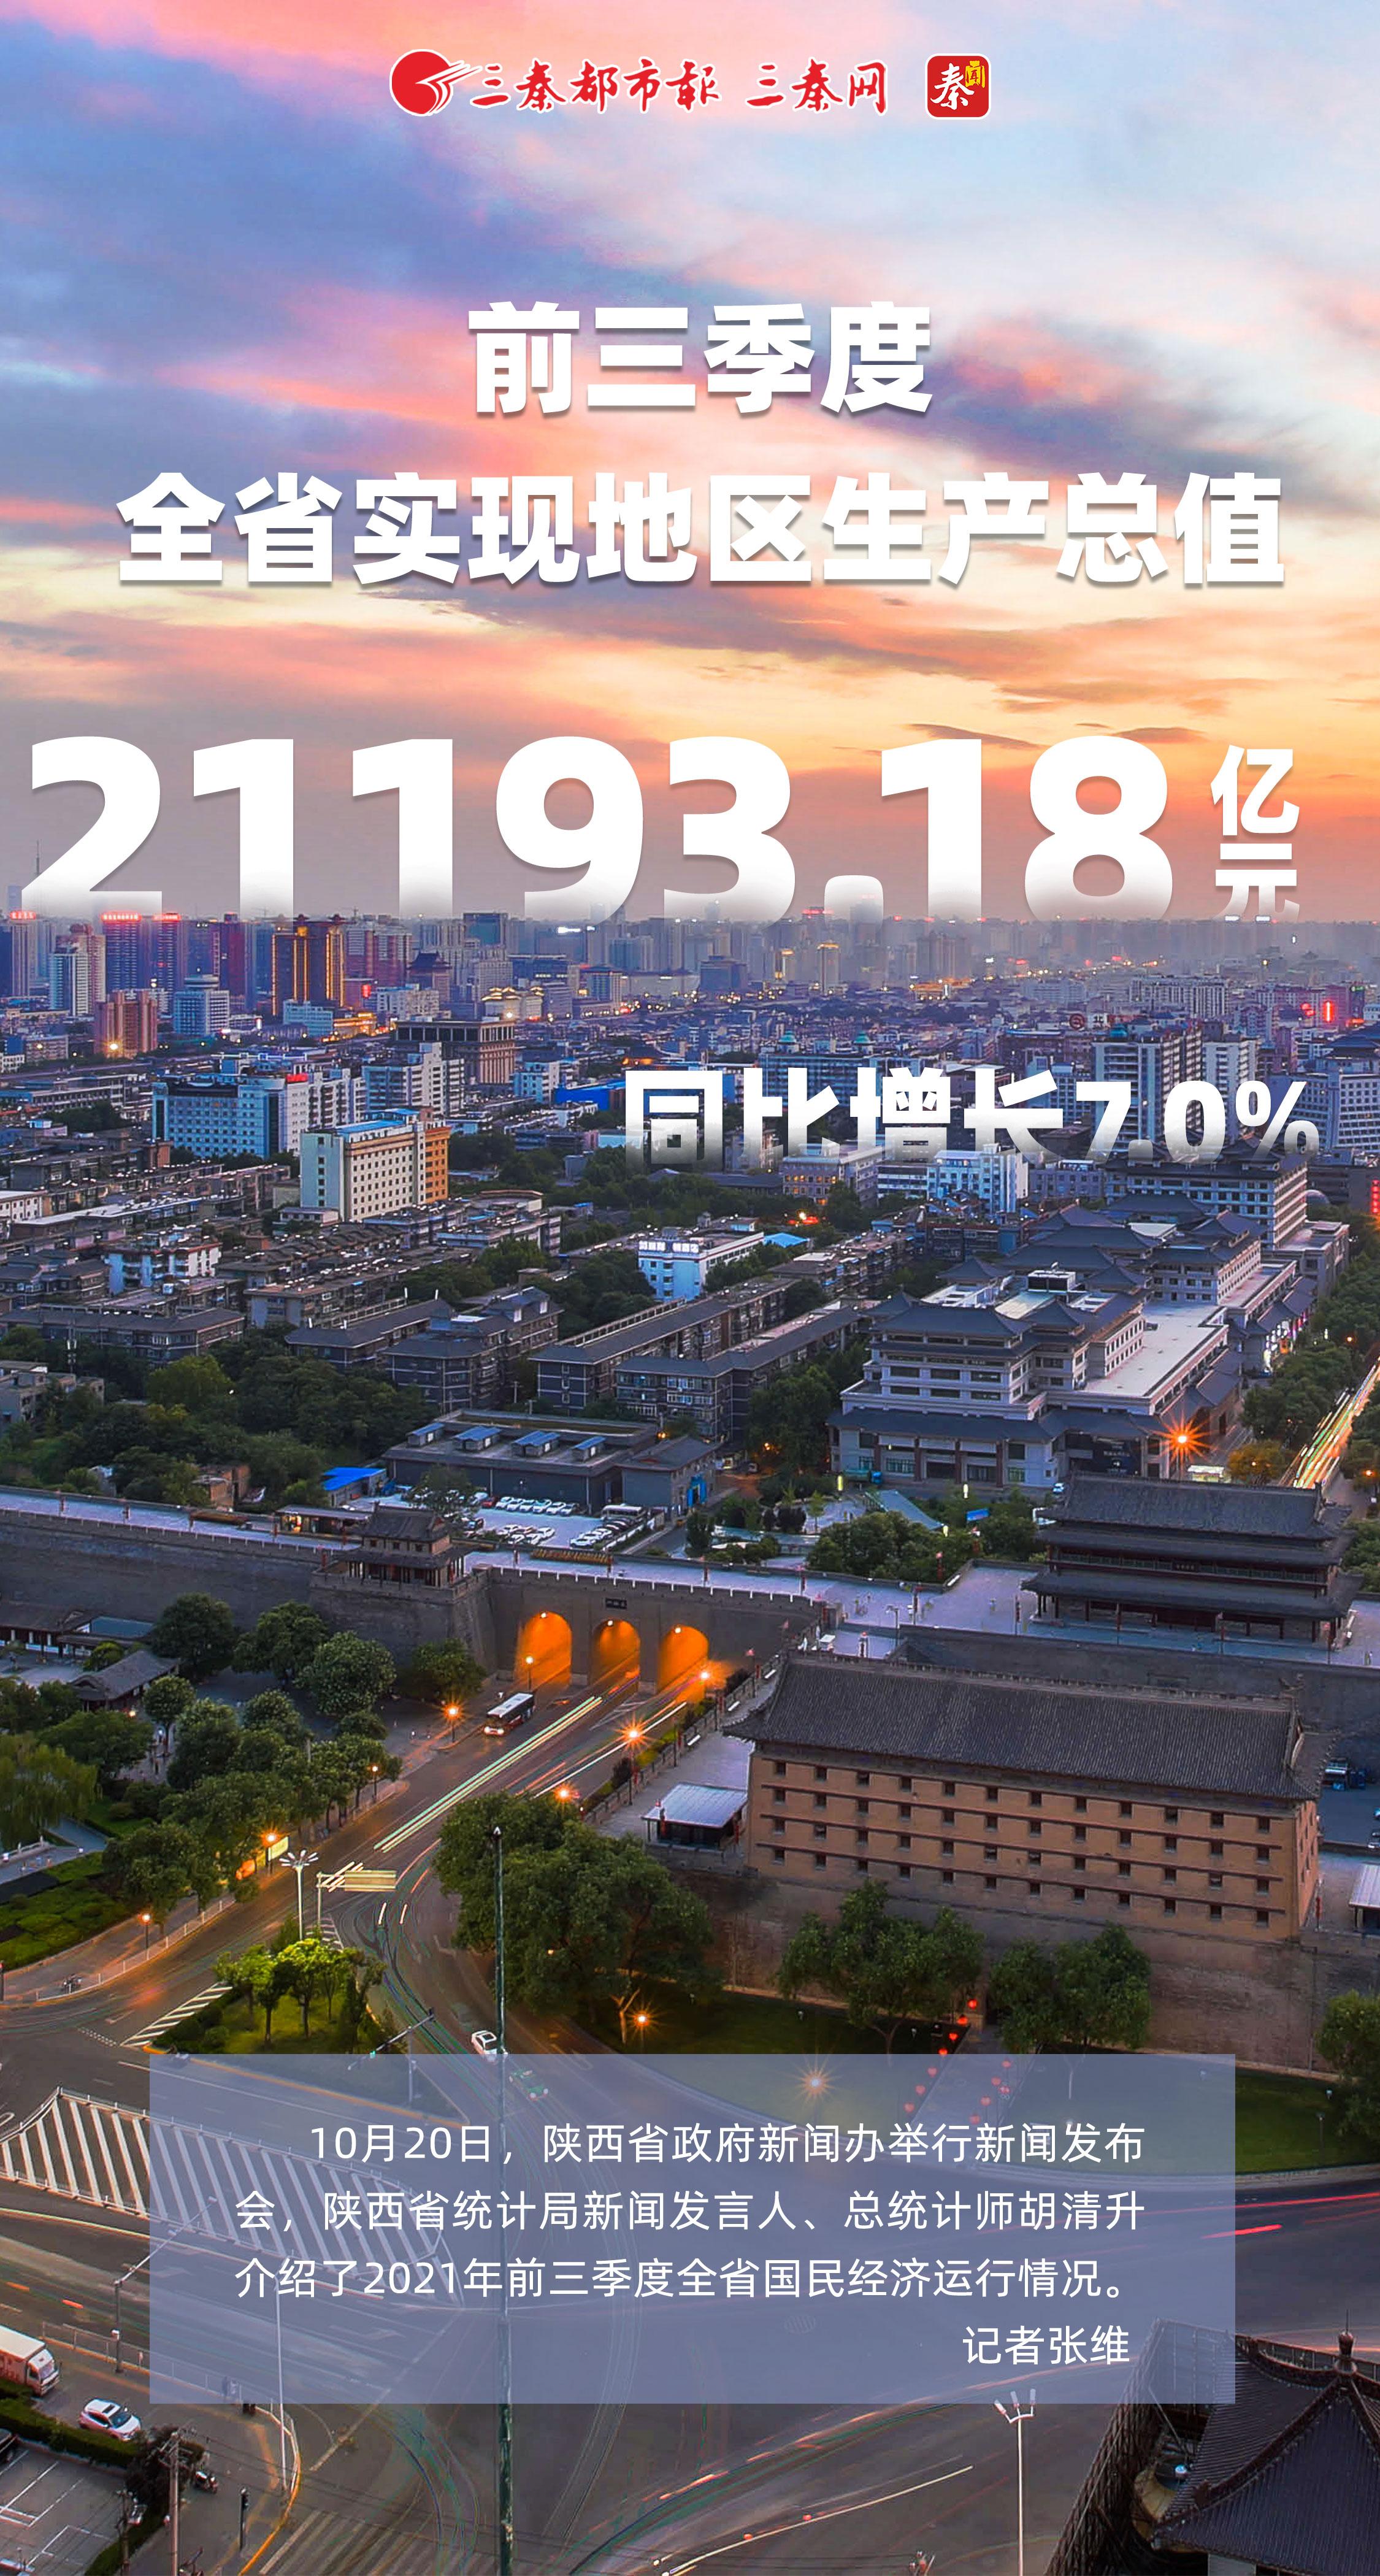 前三季度全省实现地区生产总值21193.18亿元